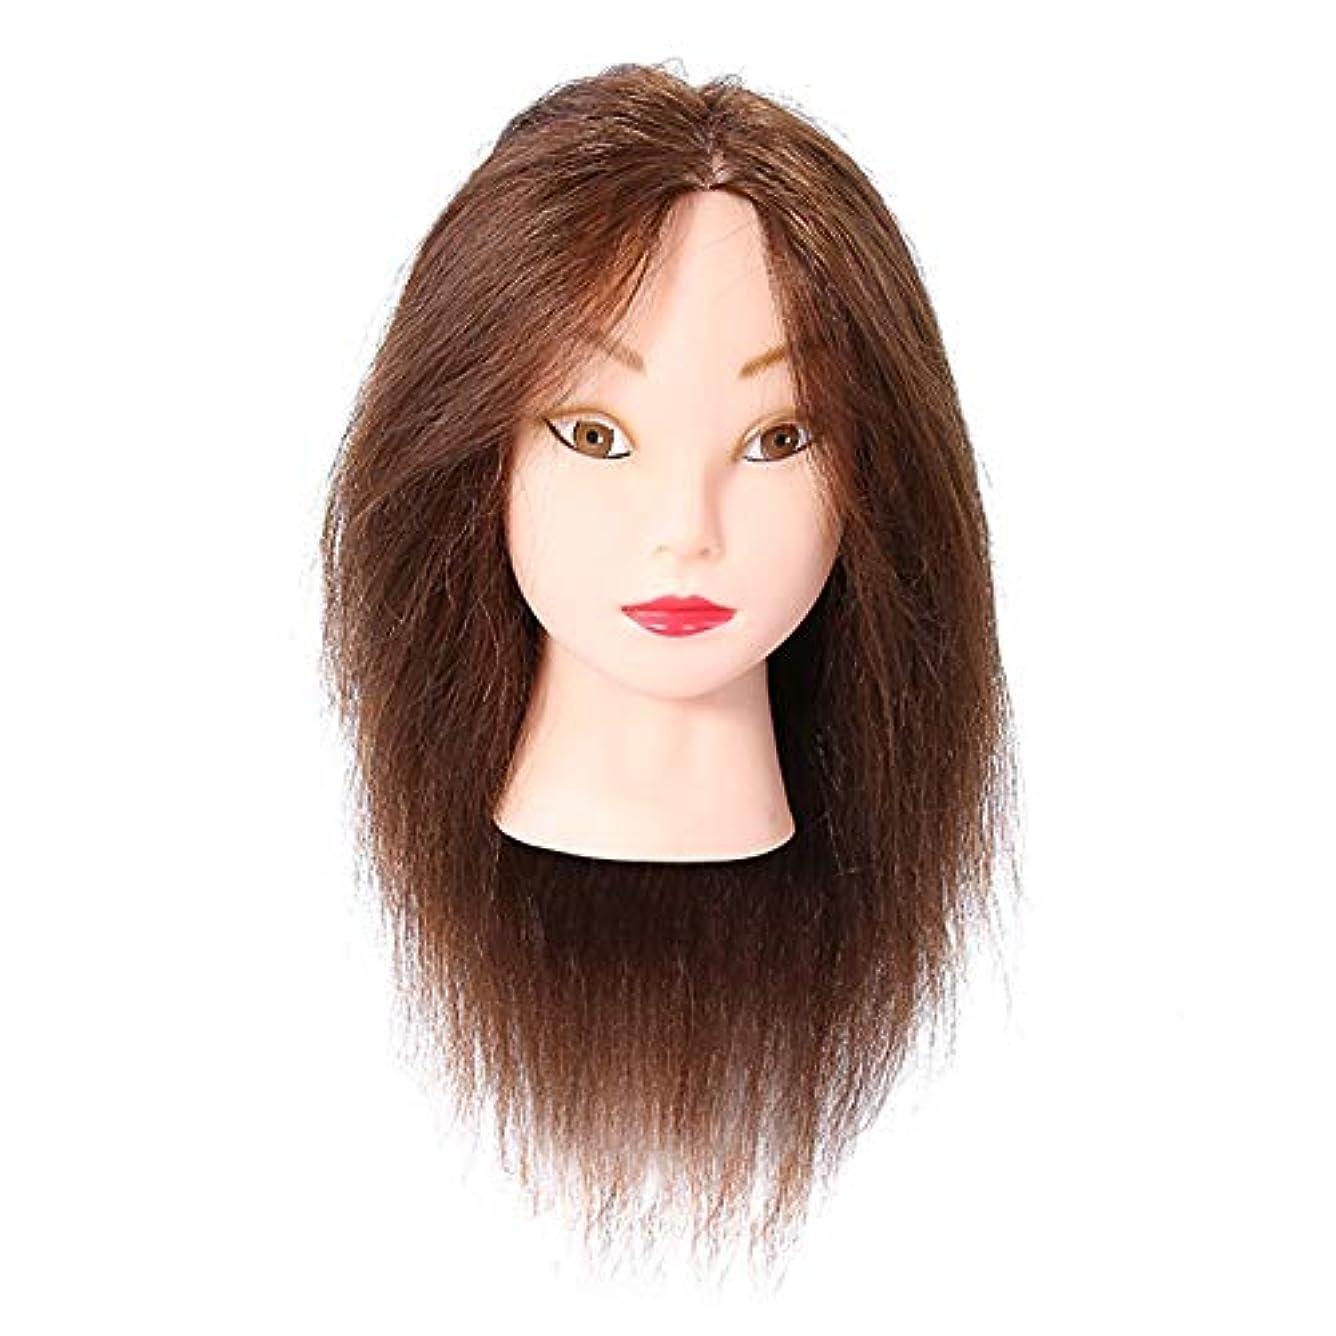 お世話になった体現するお手伝いさんヘアトレーニングヘッド、練習用ヘアスタイリングプラクティス ヘアドレッシング かつらマネキン